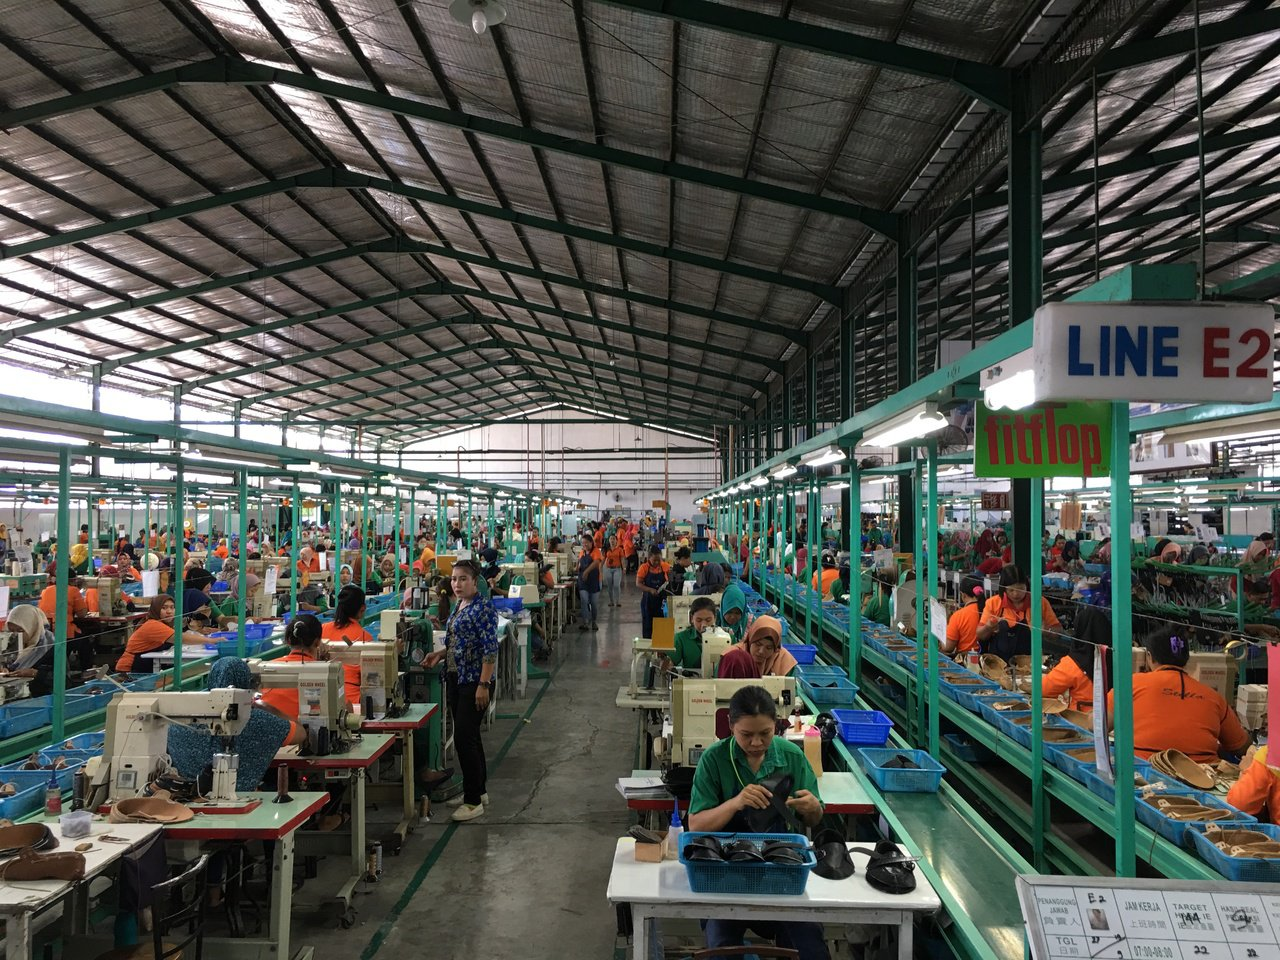 因應美中貿易戰,美國客戶要求轉單,興昂國際看中印尼豐沛勞動力,積極擴大印尼泗水廠...